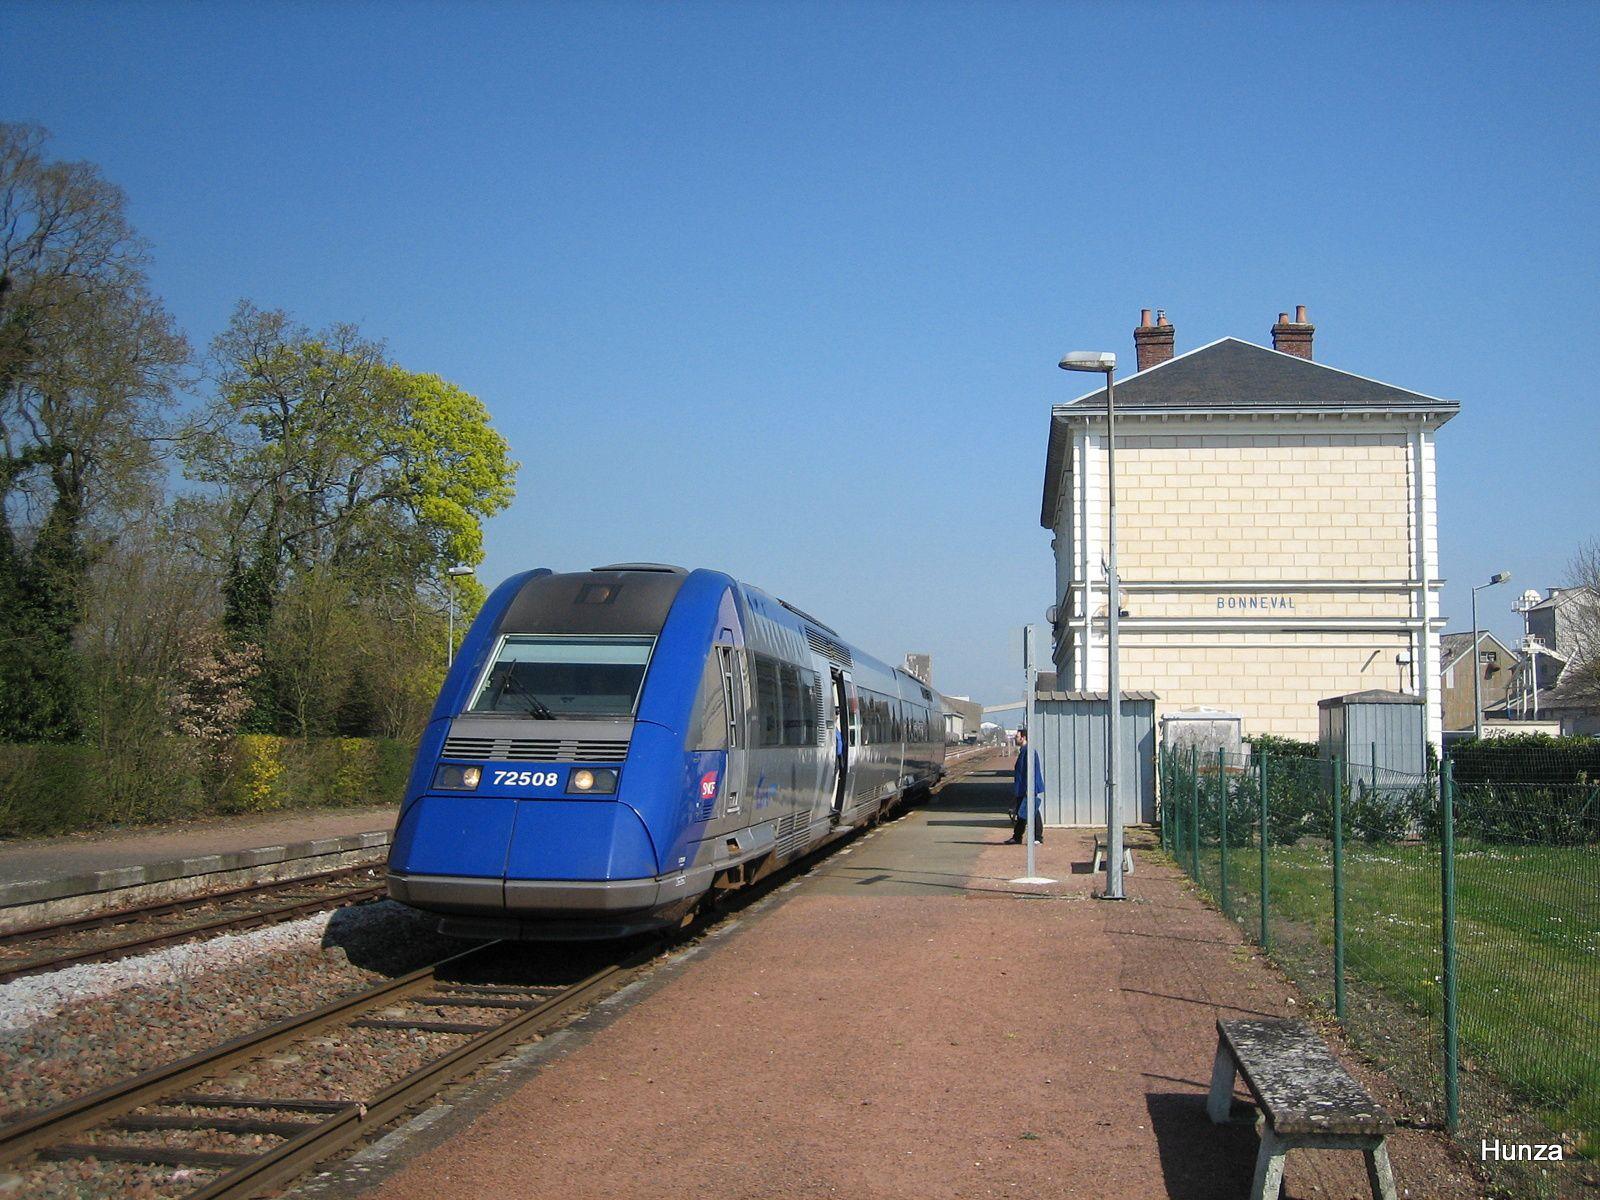 X72508 à Bonneval (27 mars 2007)